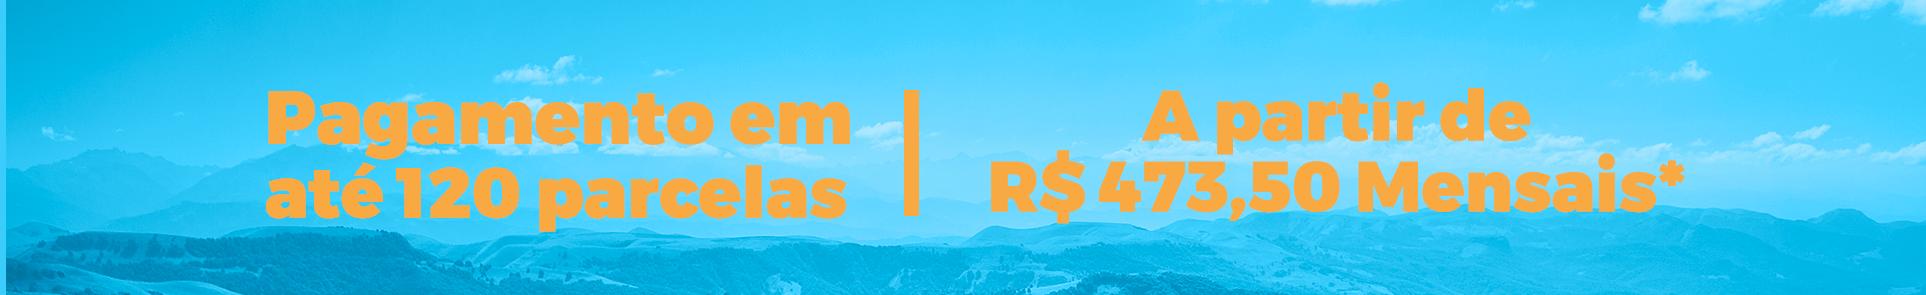 Pagamento em até 120 parcelas e apartir de R$ 473,50 mensais*